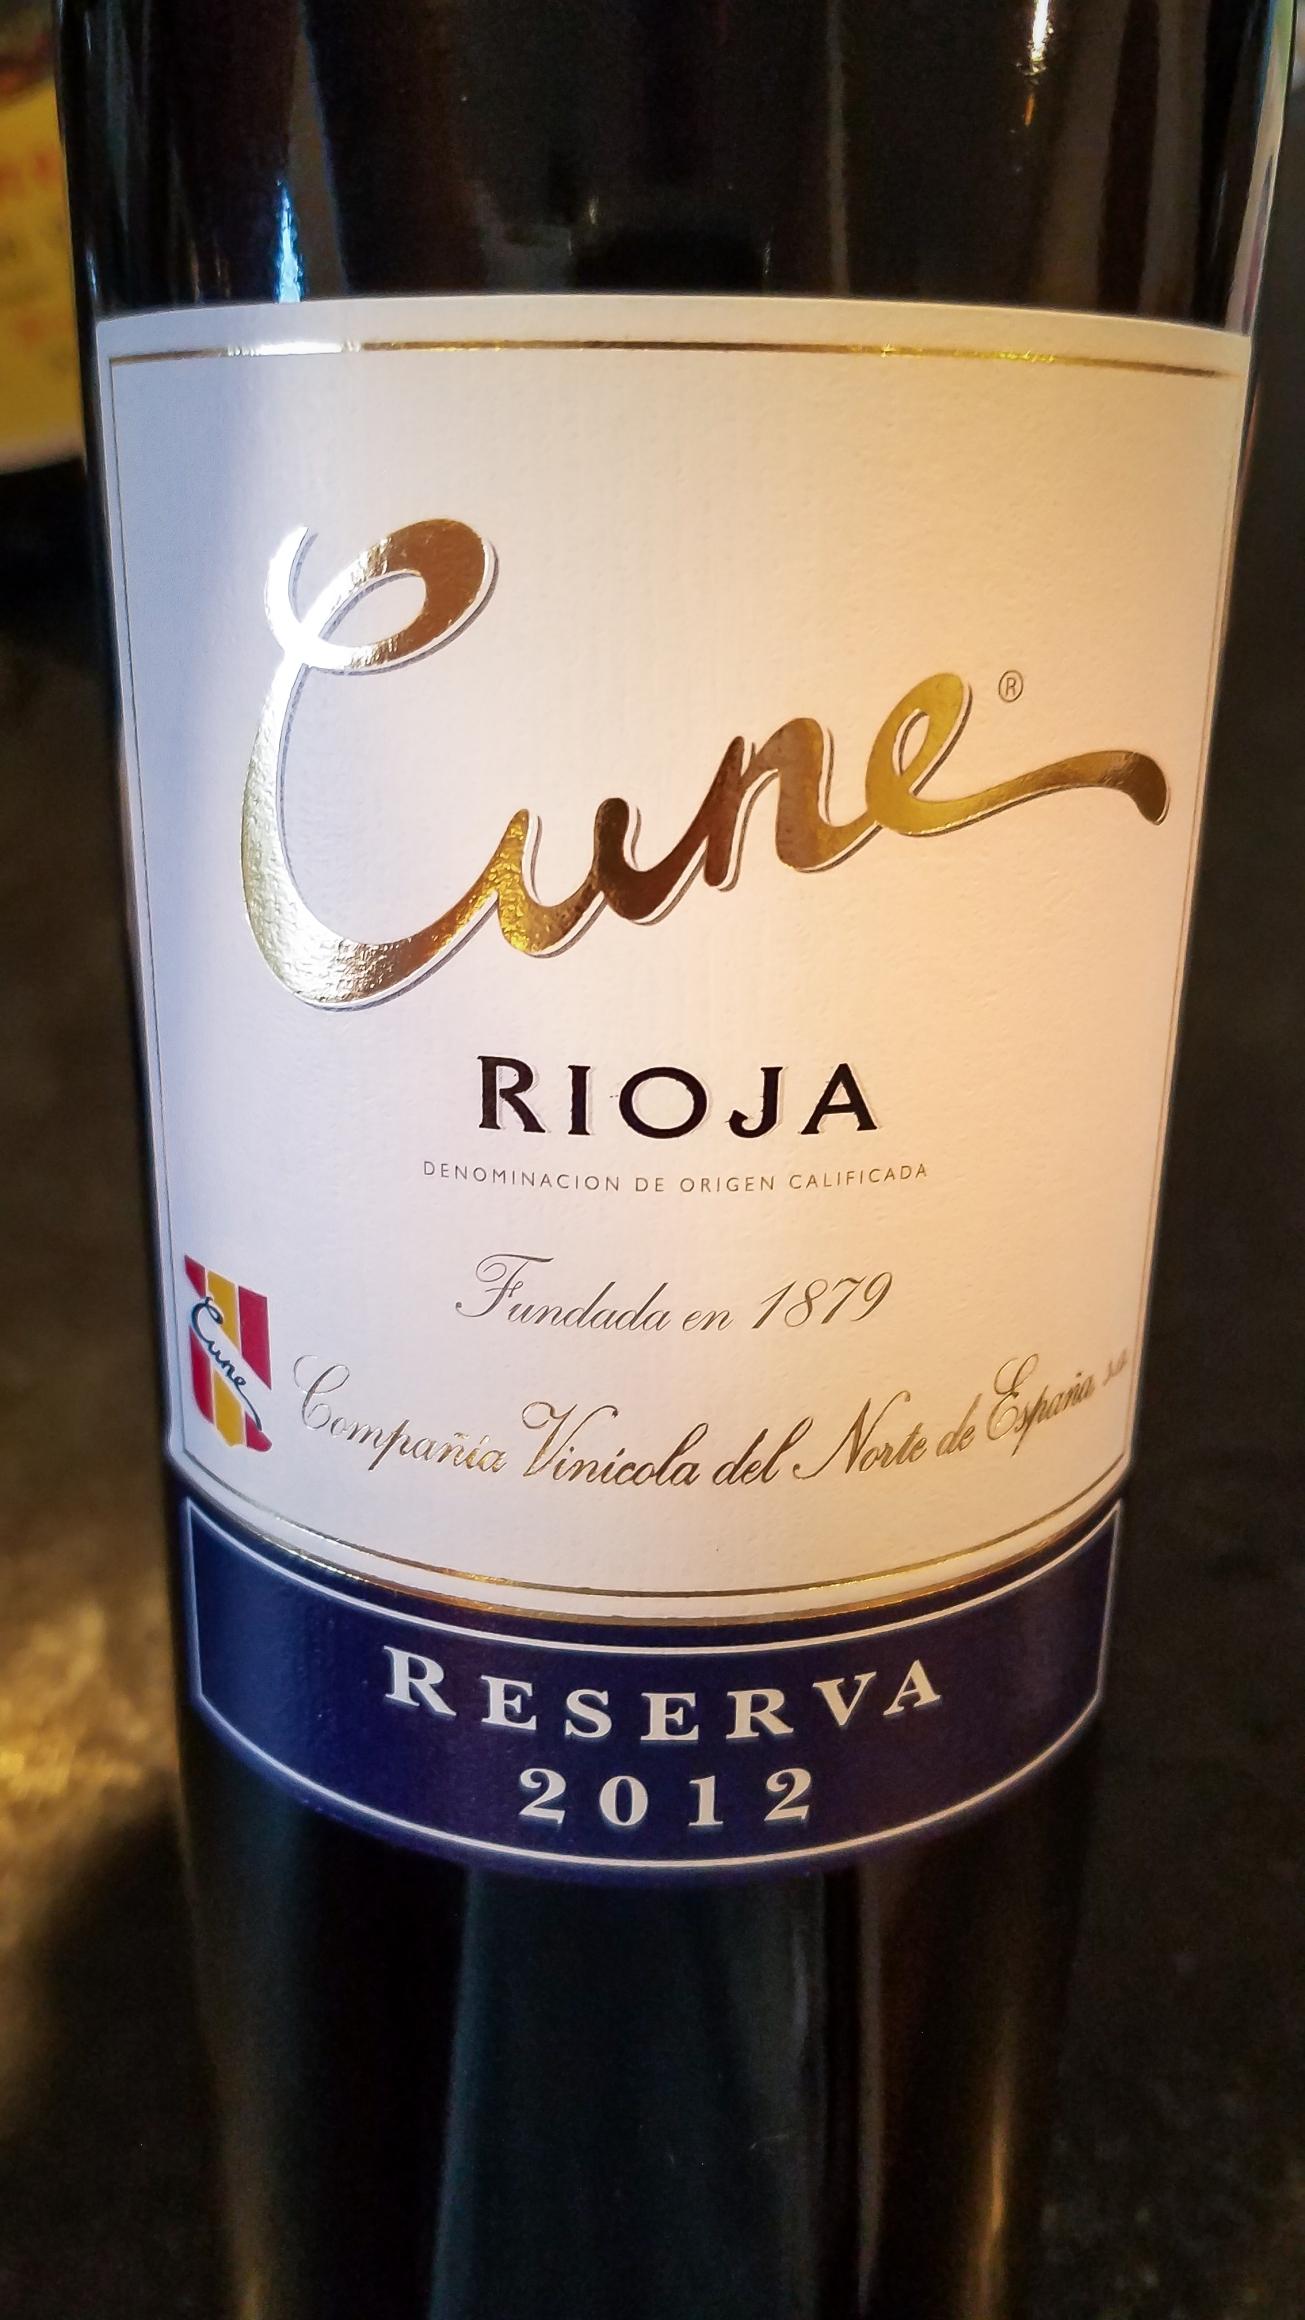 2012 C.V.N.E. (Compañía Vinícola del Norte de España) Rioja Cune Reserva